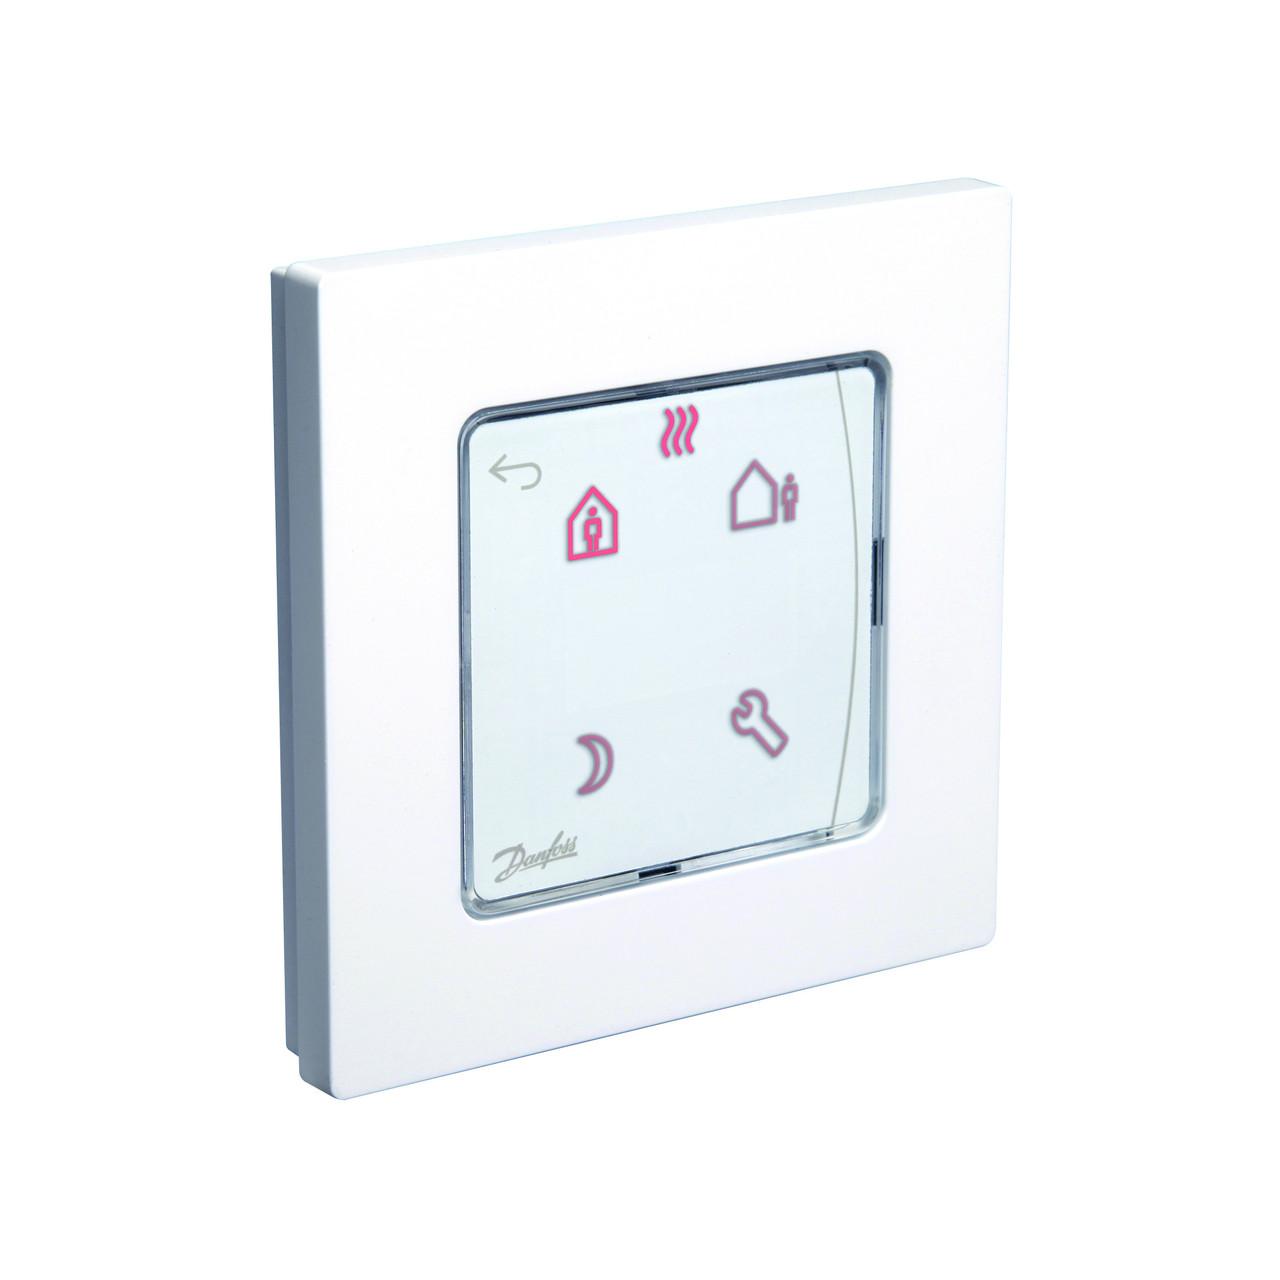 Danfoss Icon™ Programmable (088U1020) Встраиваемый программируемый комнатный термостат